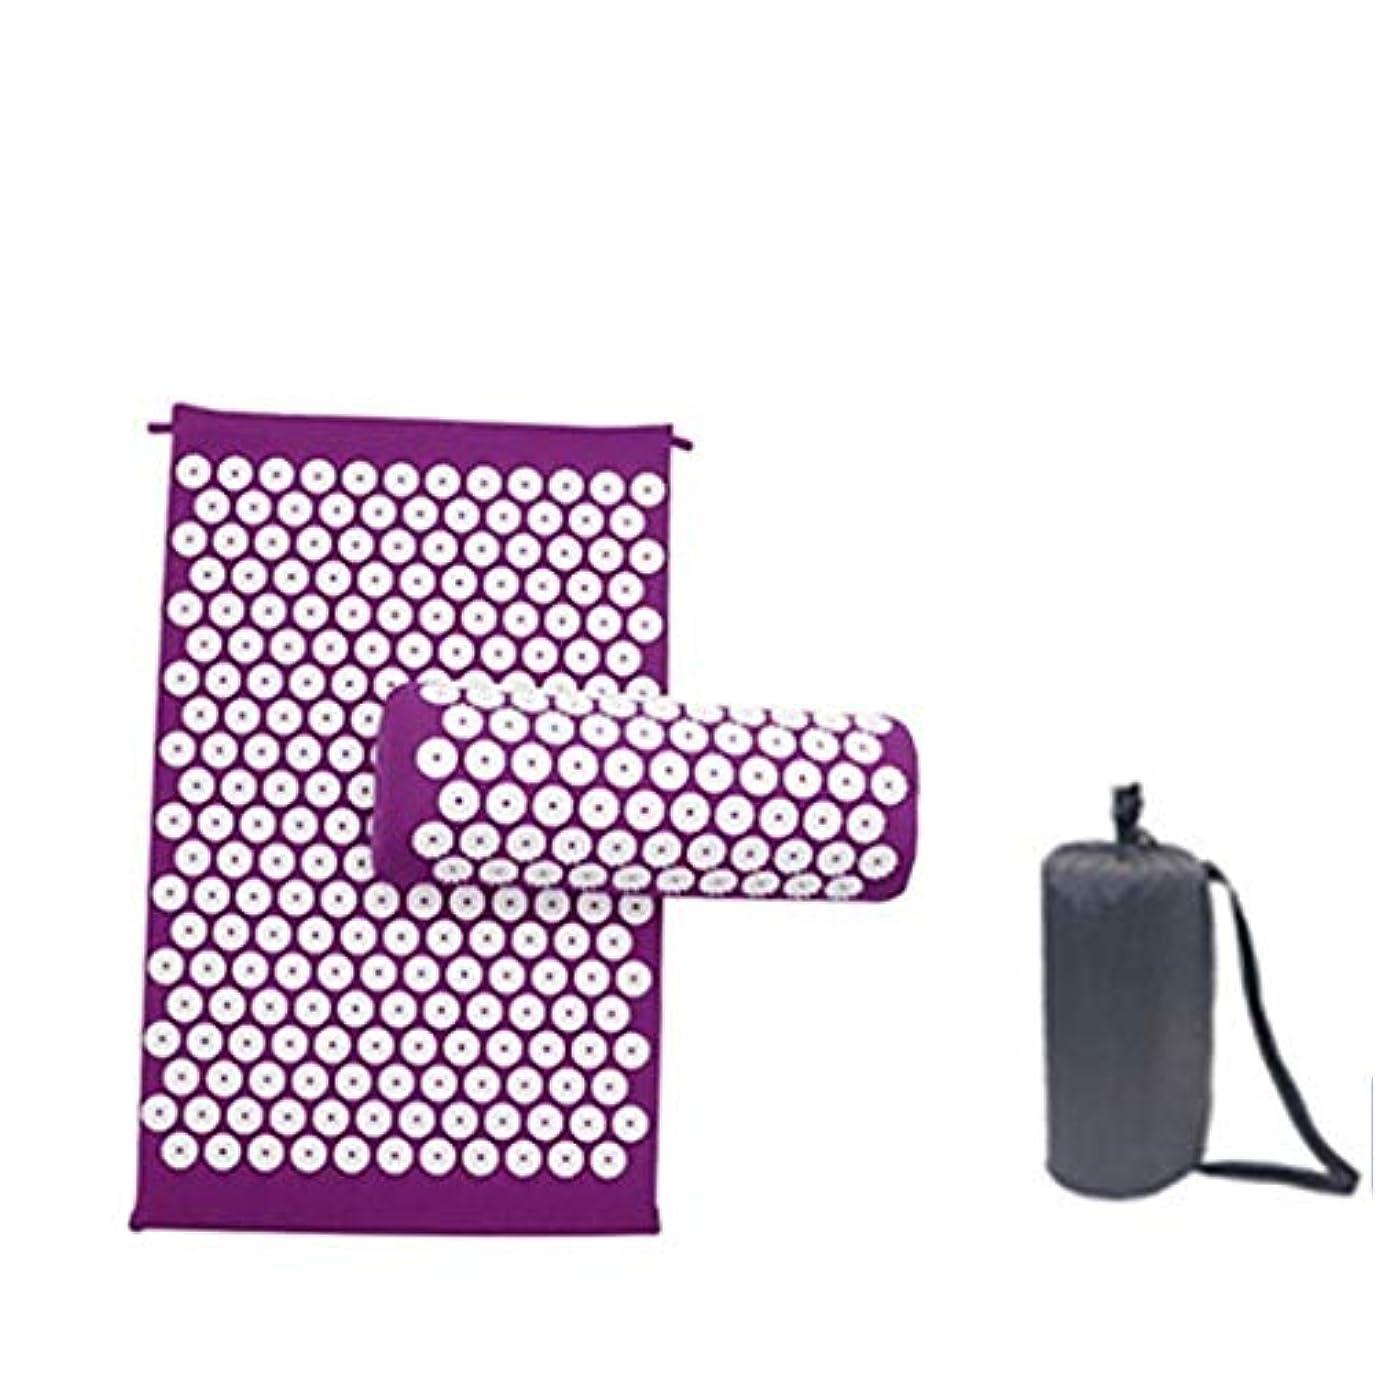 敬意を表してセイはさておき気分が悪いヨガマット、マッサージクッション、鍼灸マッサージクッションは、圧力/腰痛指圧クッション/枕、ヨガマットを和らげます (Color : 紫の, Size : 1)